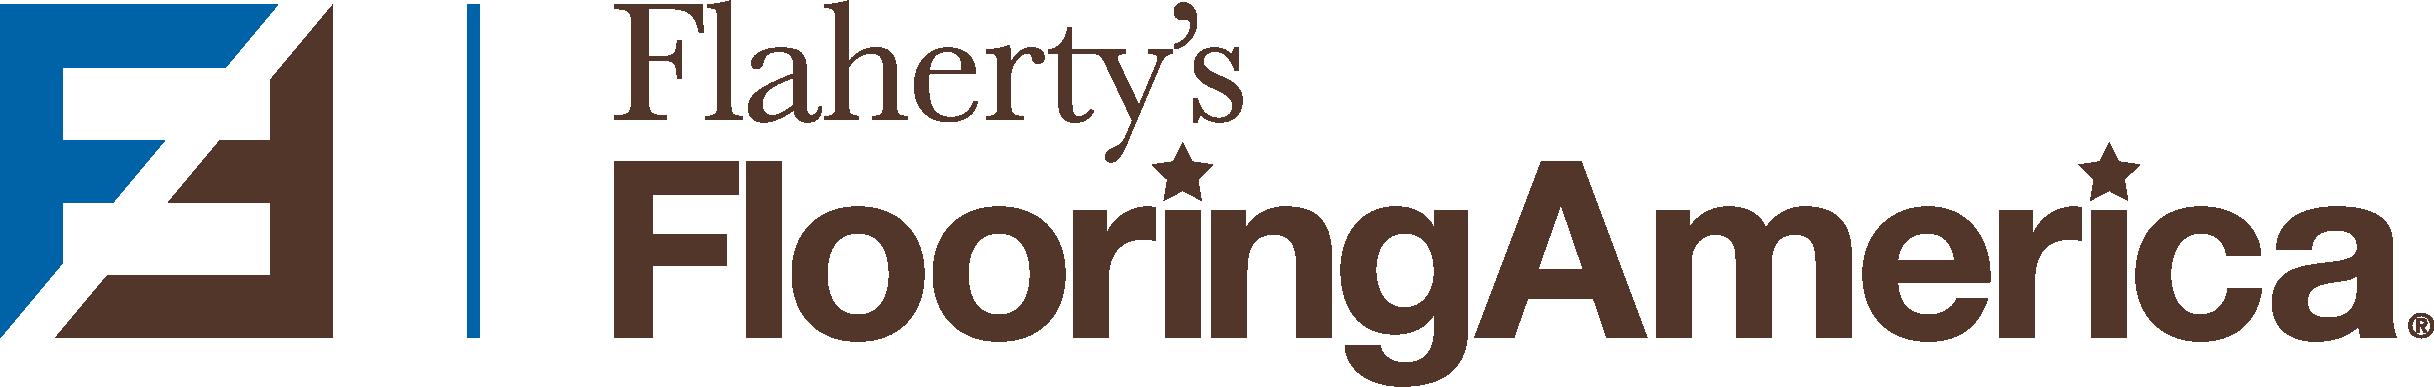 Houston Flooring Store | Flahertys Flooring